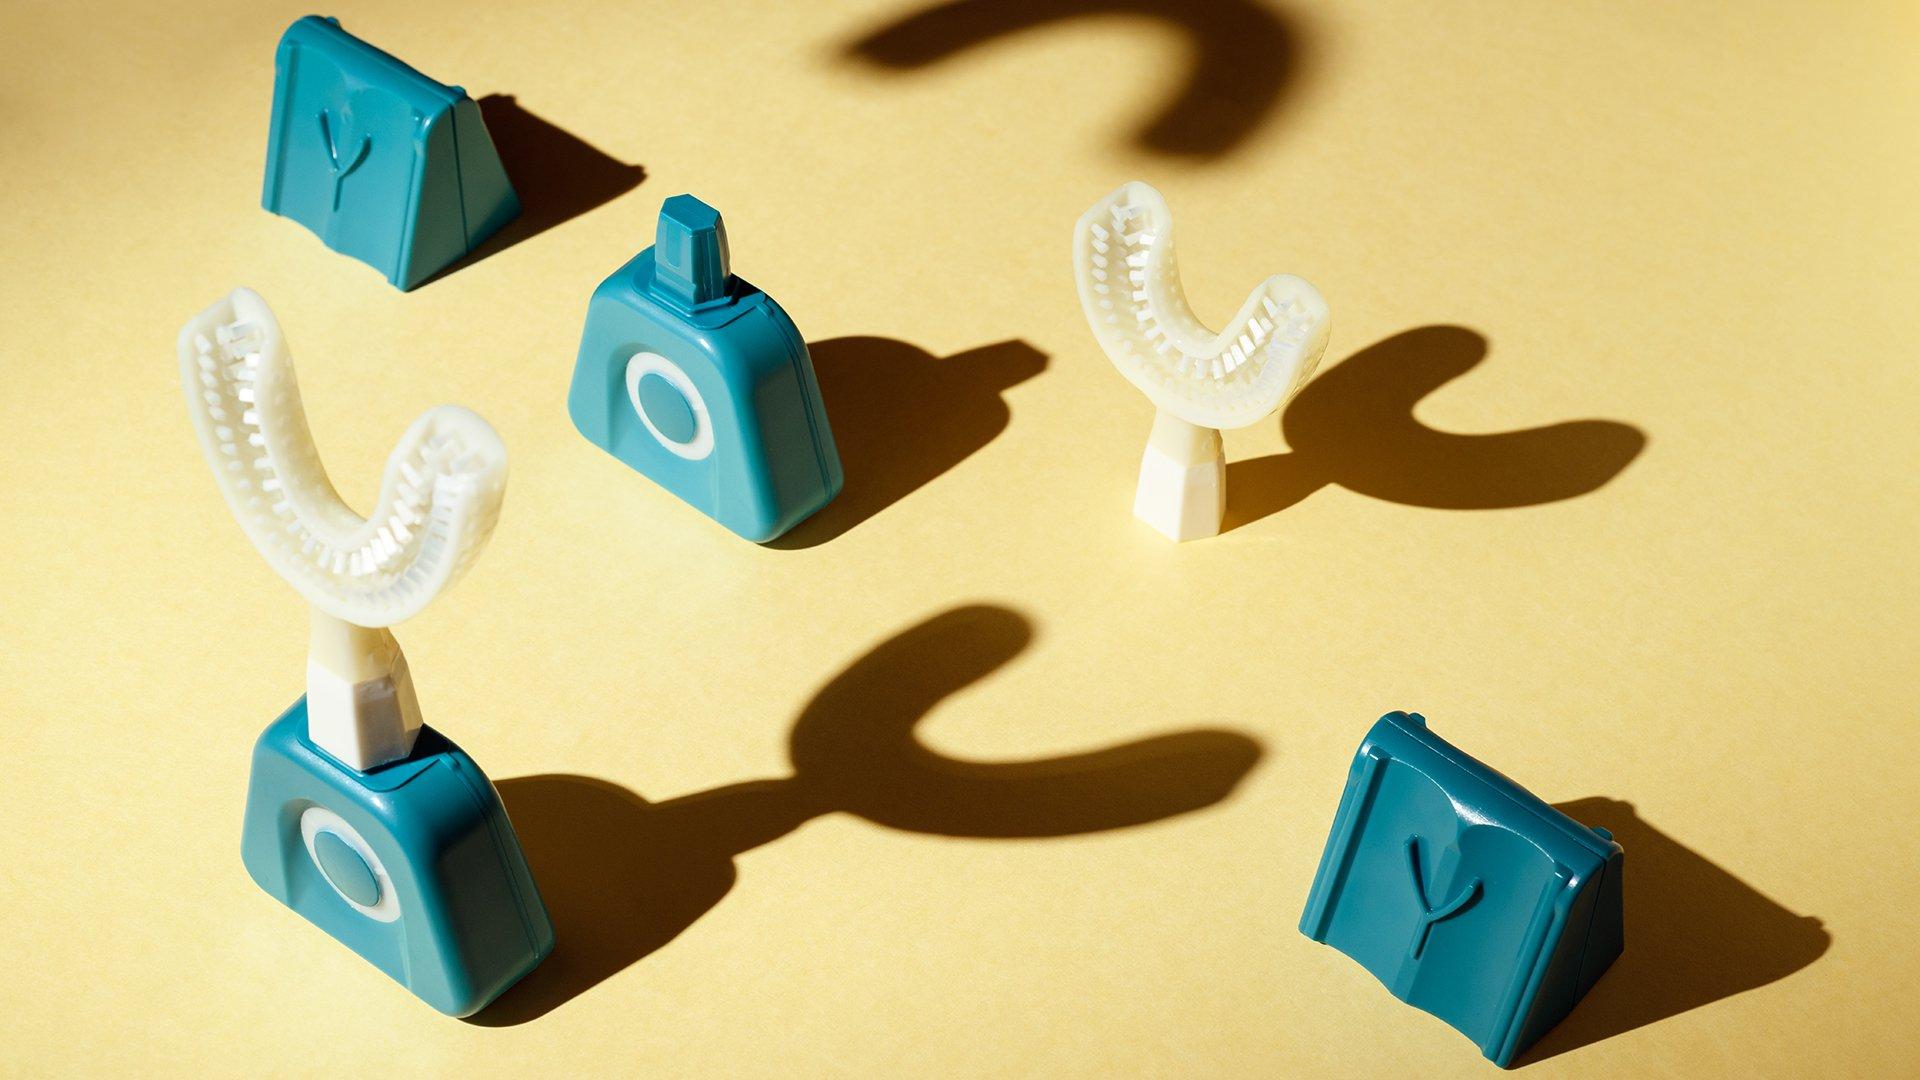 La Y-Brush est une brosse à dents à ultrason made in France.